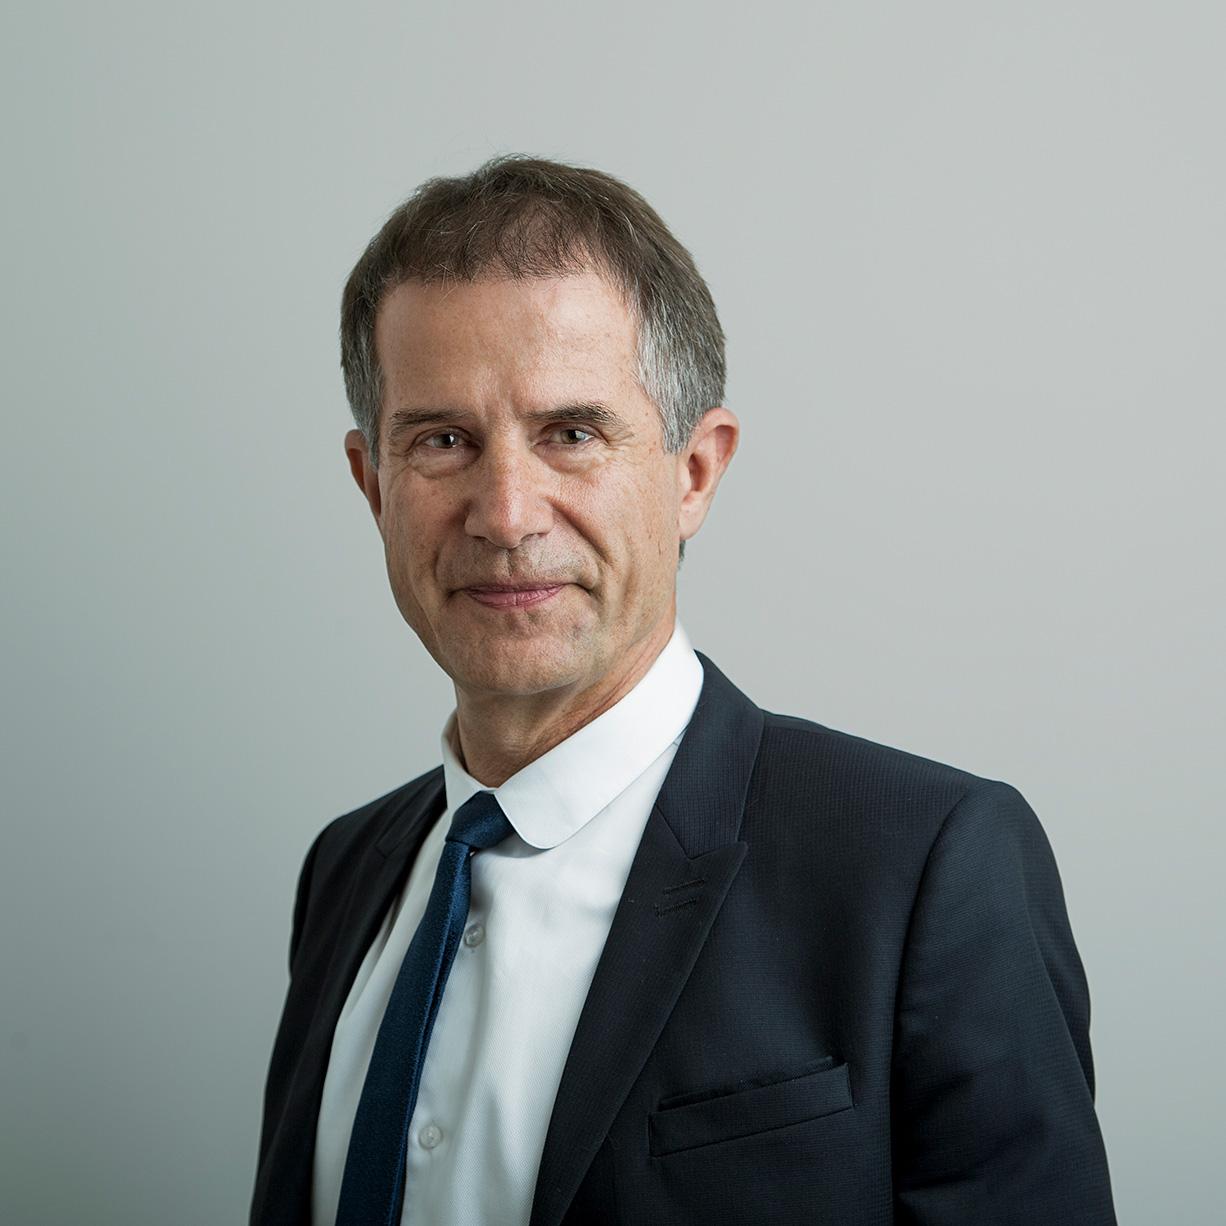 Jean-Michel Bernad, Avocat associé | Ellipse Avocats Avocats spécialisés en Droit du Travail et des Relations Sociales